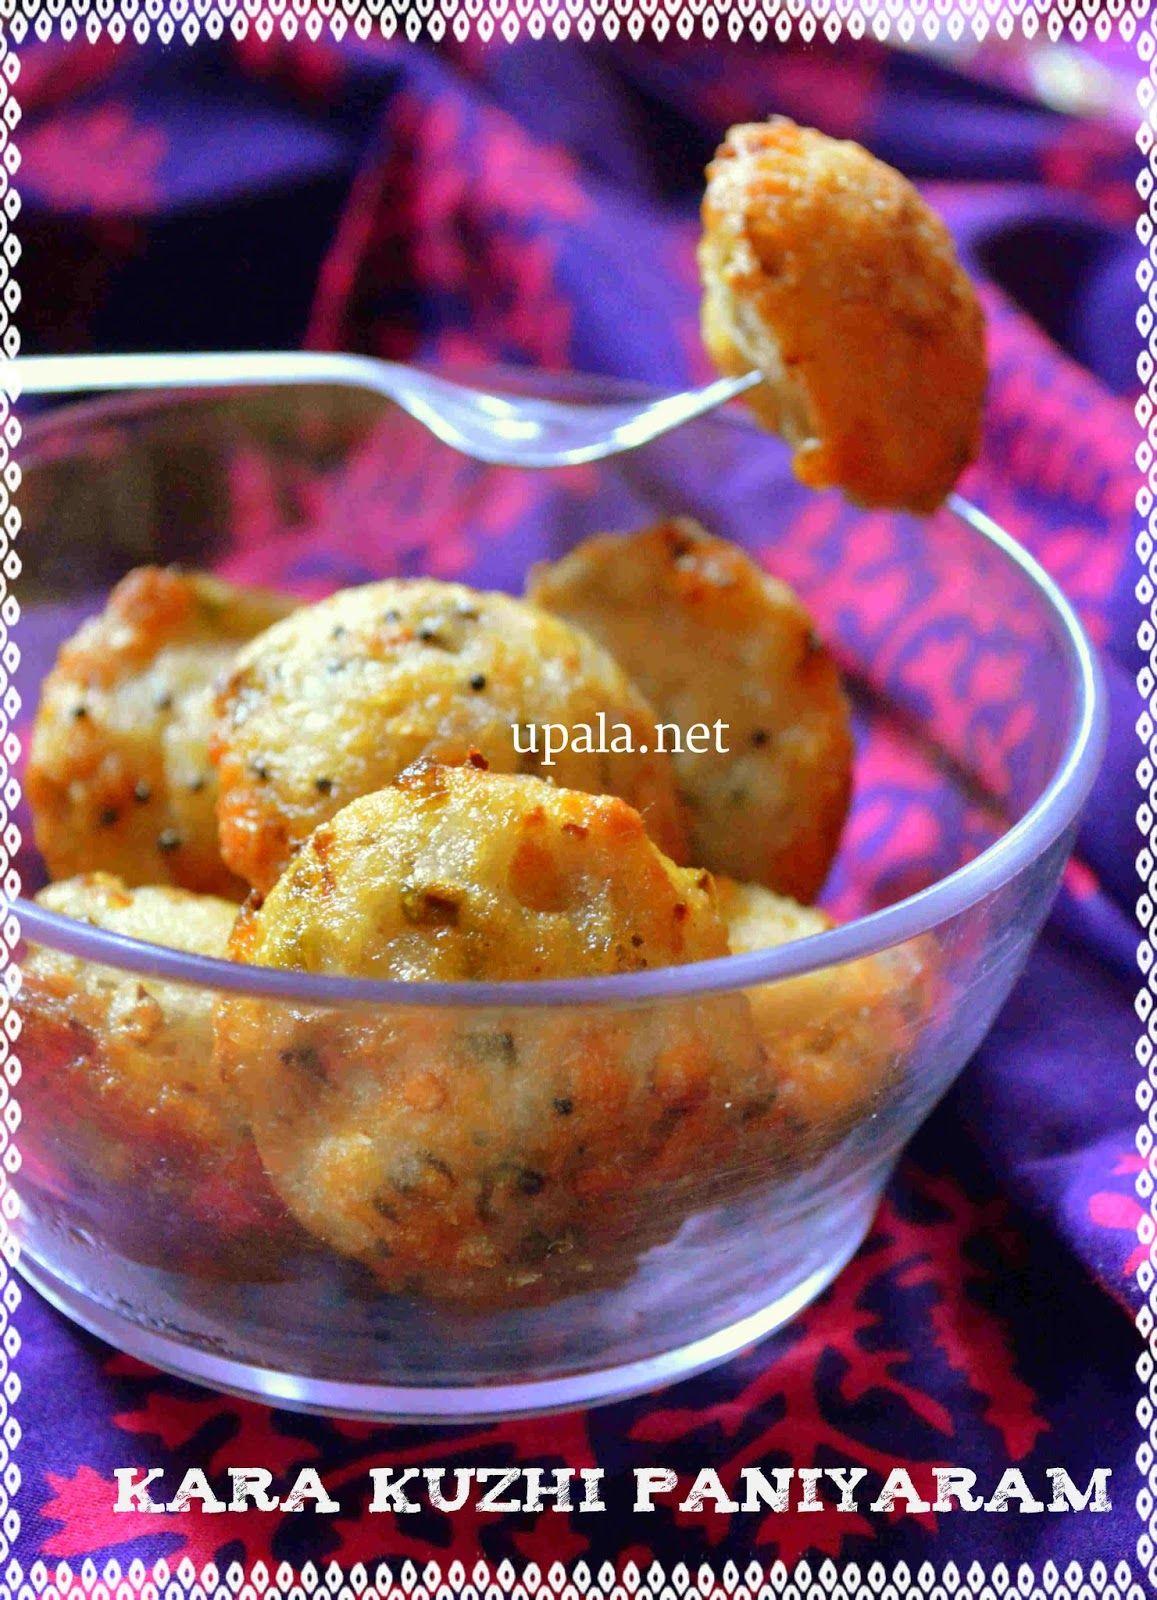 http://www.upala.net/2014/08/thinai-saamai-kuzhipaniyaram-karam.html